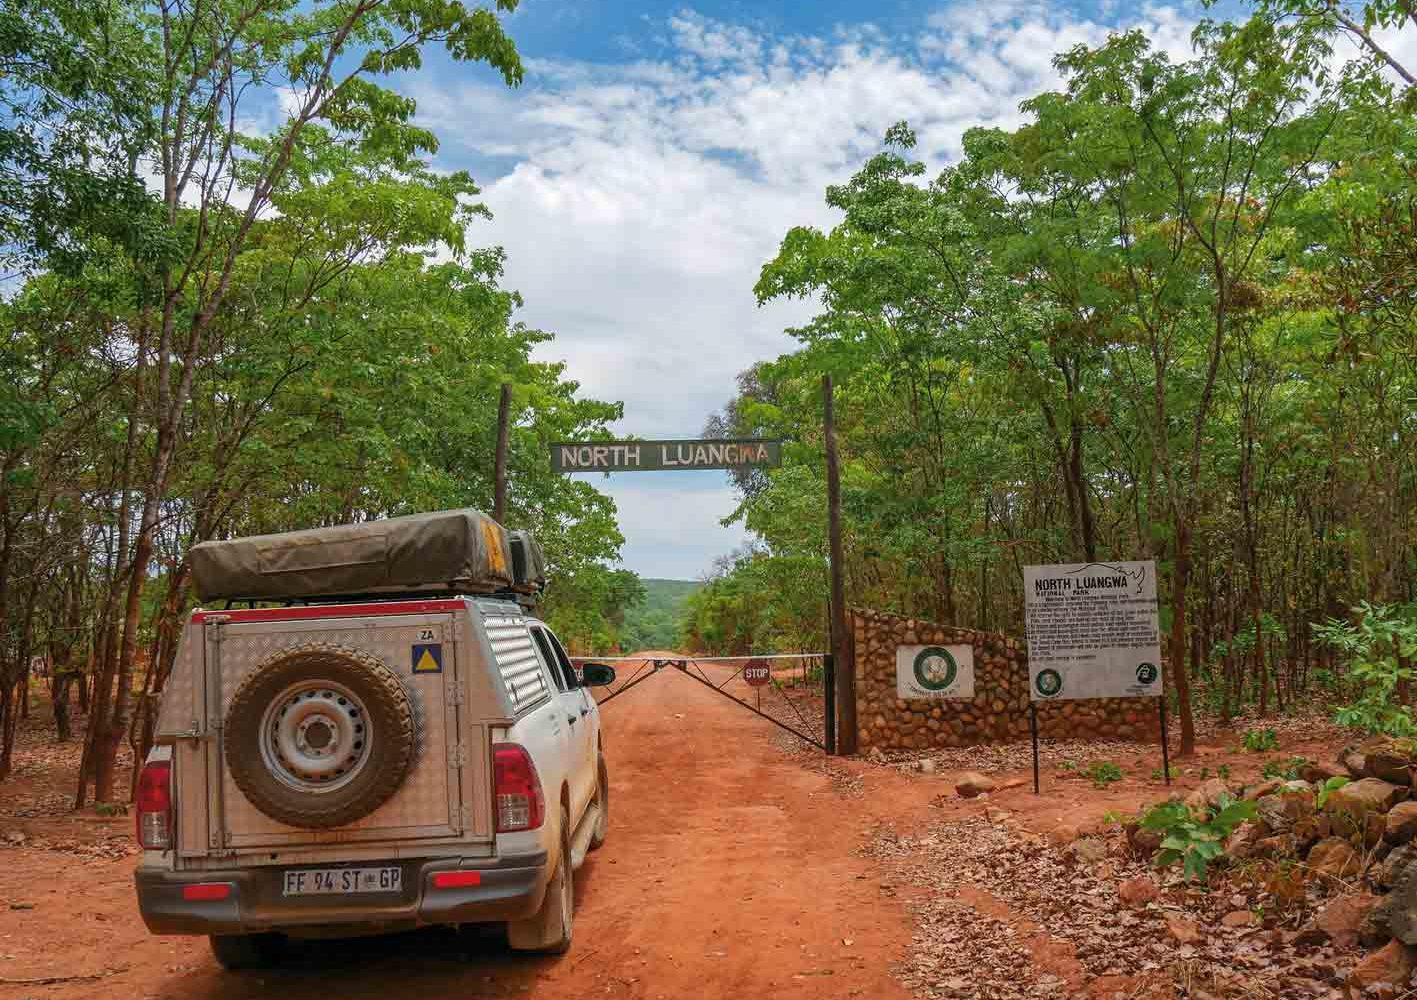 Mit dem 4x4-Fahrzeug sind wir auch im North Luangwa-Nationalpark unterwegs, Zambia.